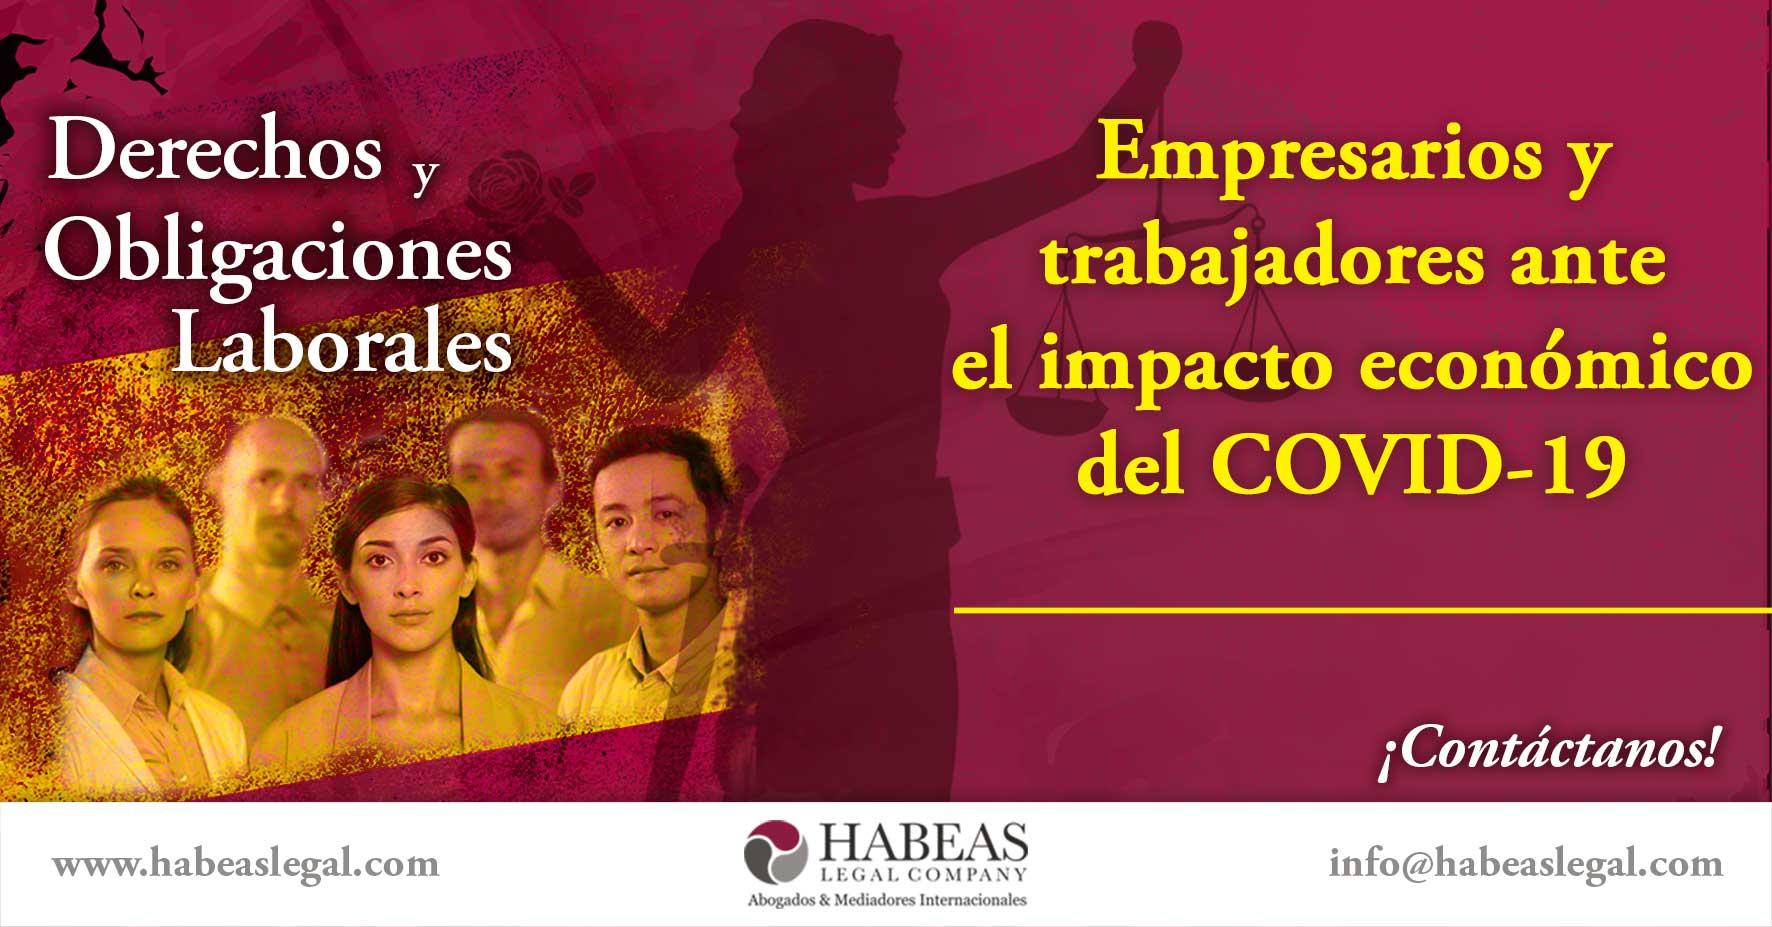 Impacto economico laboral COVID19 Habeas Legal - Blog